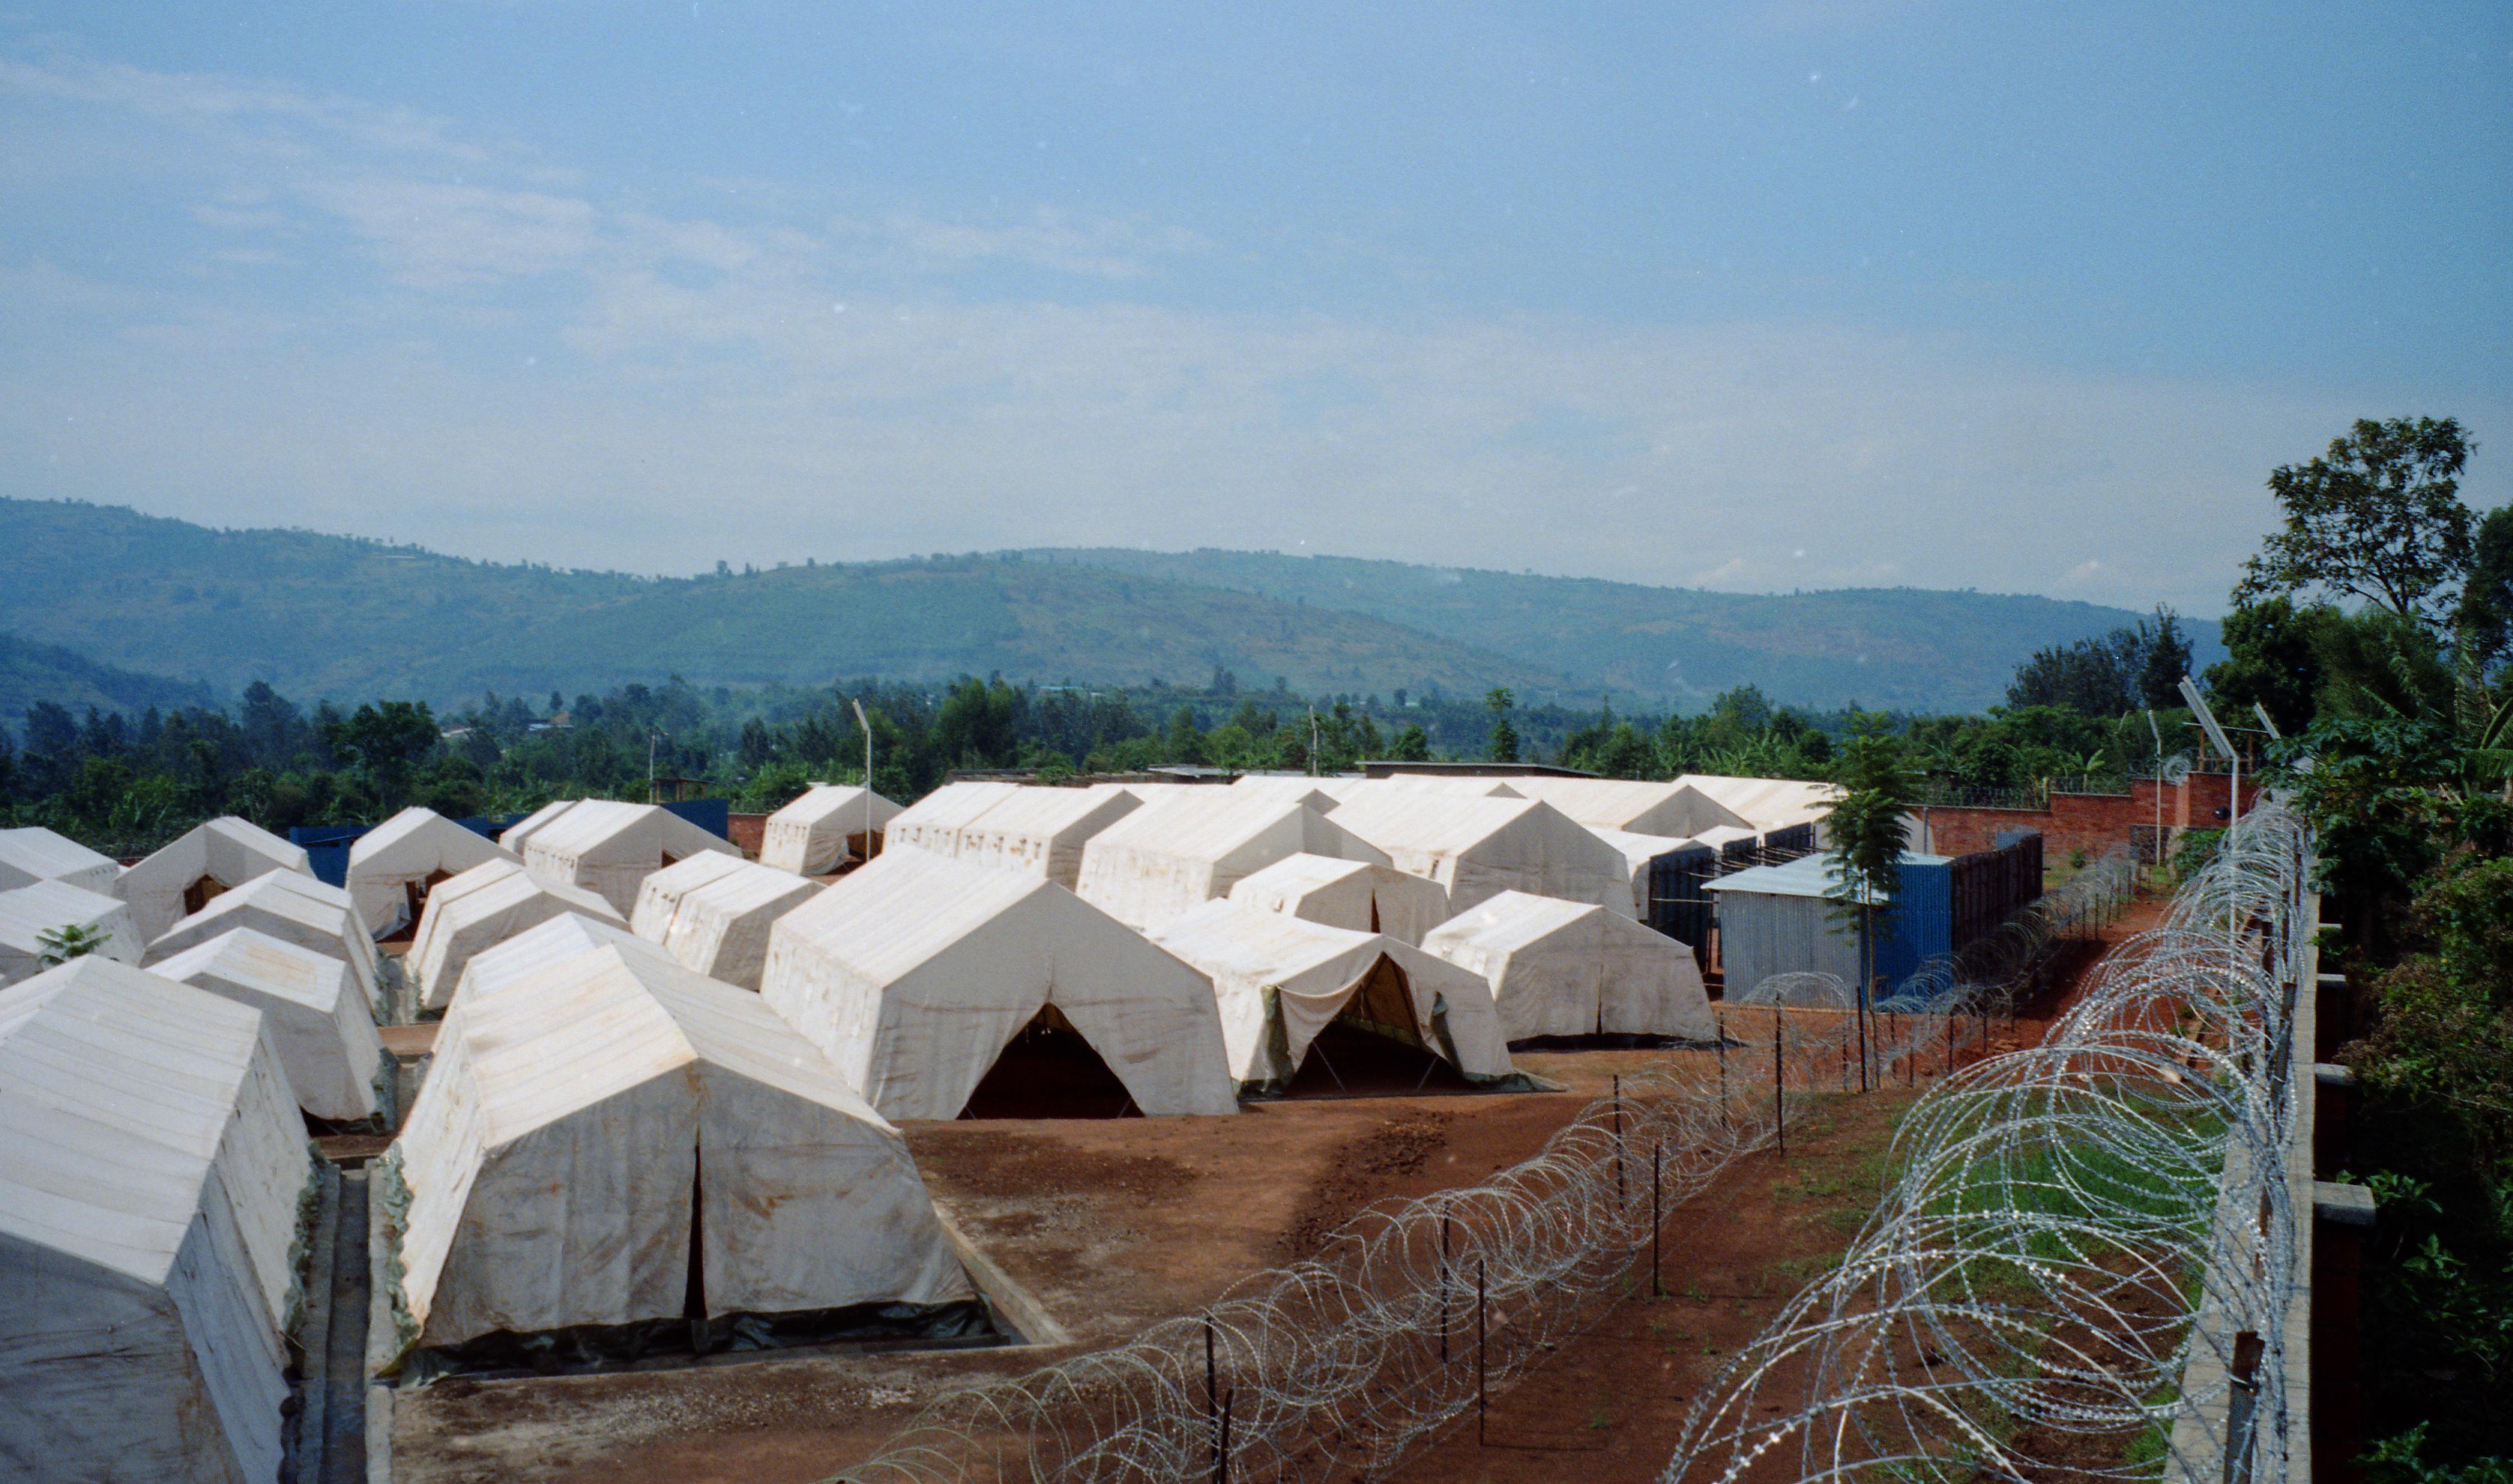 Kigali, site provisoire de détention ONATRACOM. Installation du site de désengorgement pour les prisonniers.